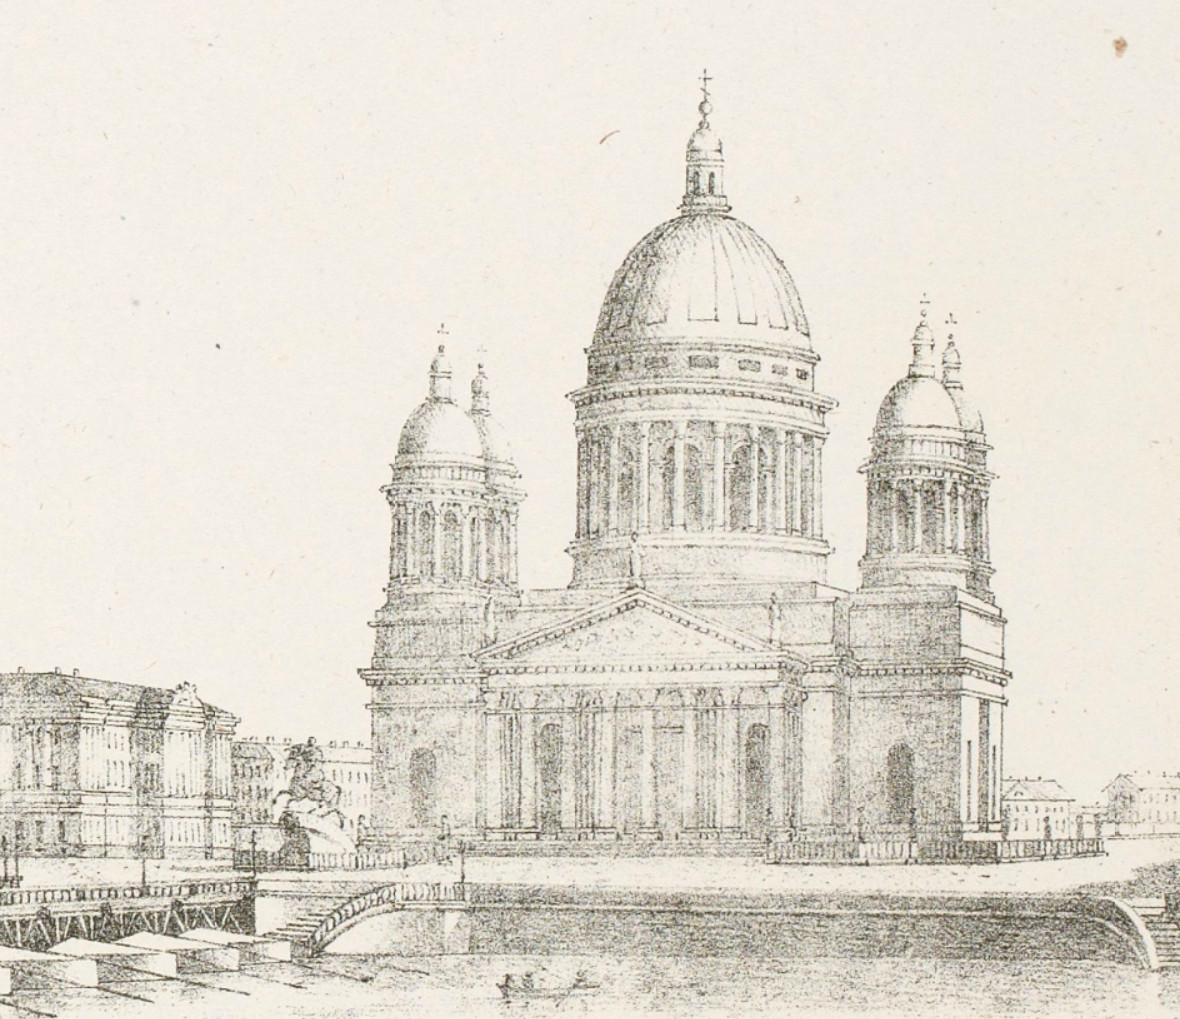 исаакиевский собор рисунки монферана фото натяжных потолков